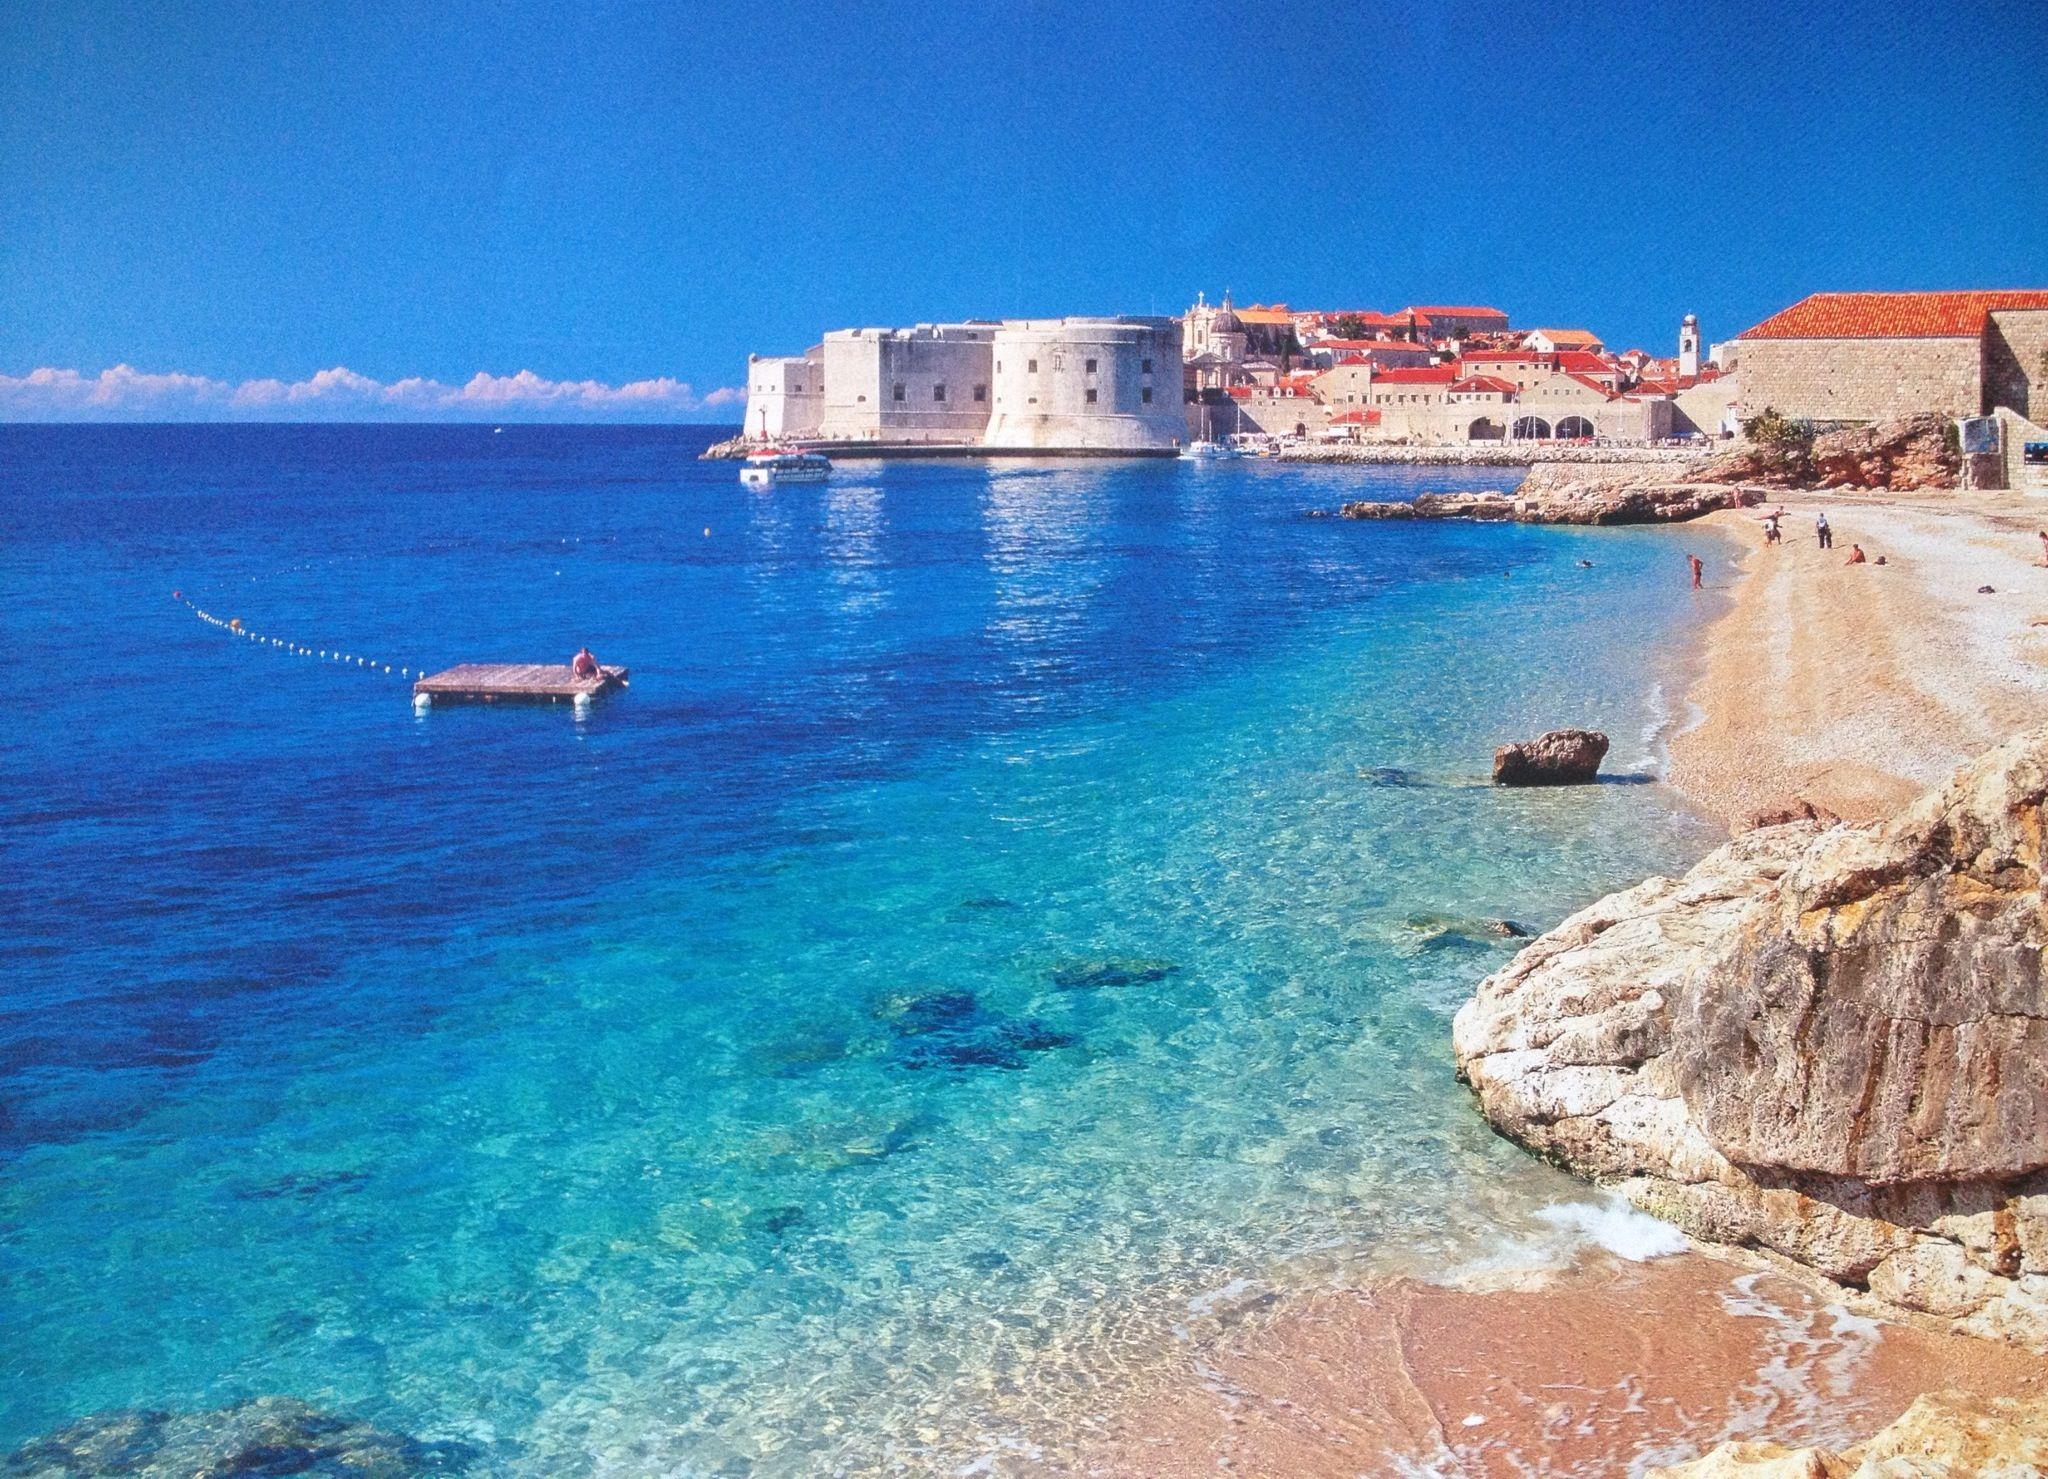 Banje Beach, Dubrovnik, Croatia see our TripCrate guide